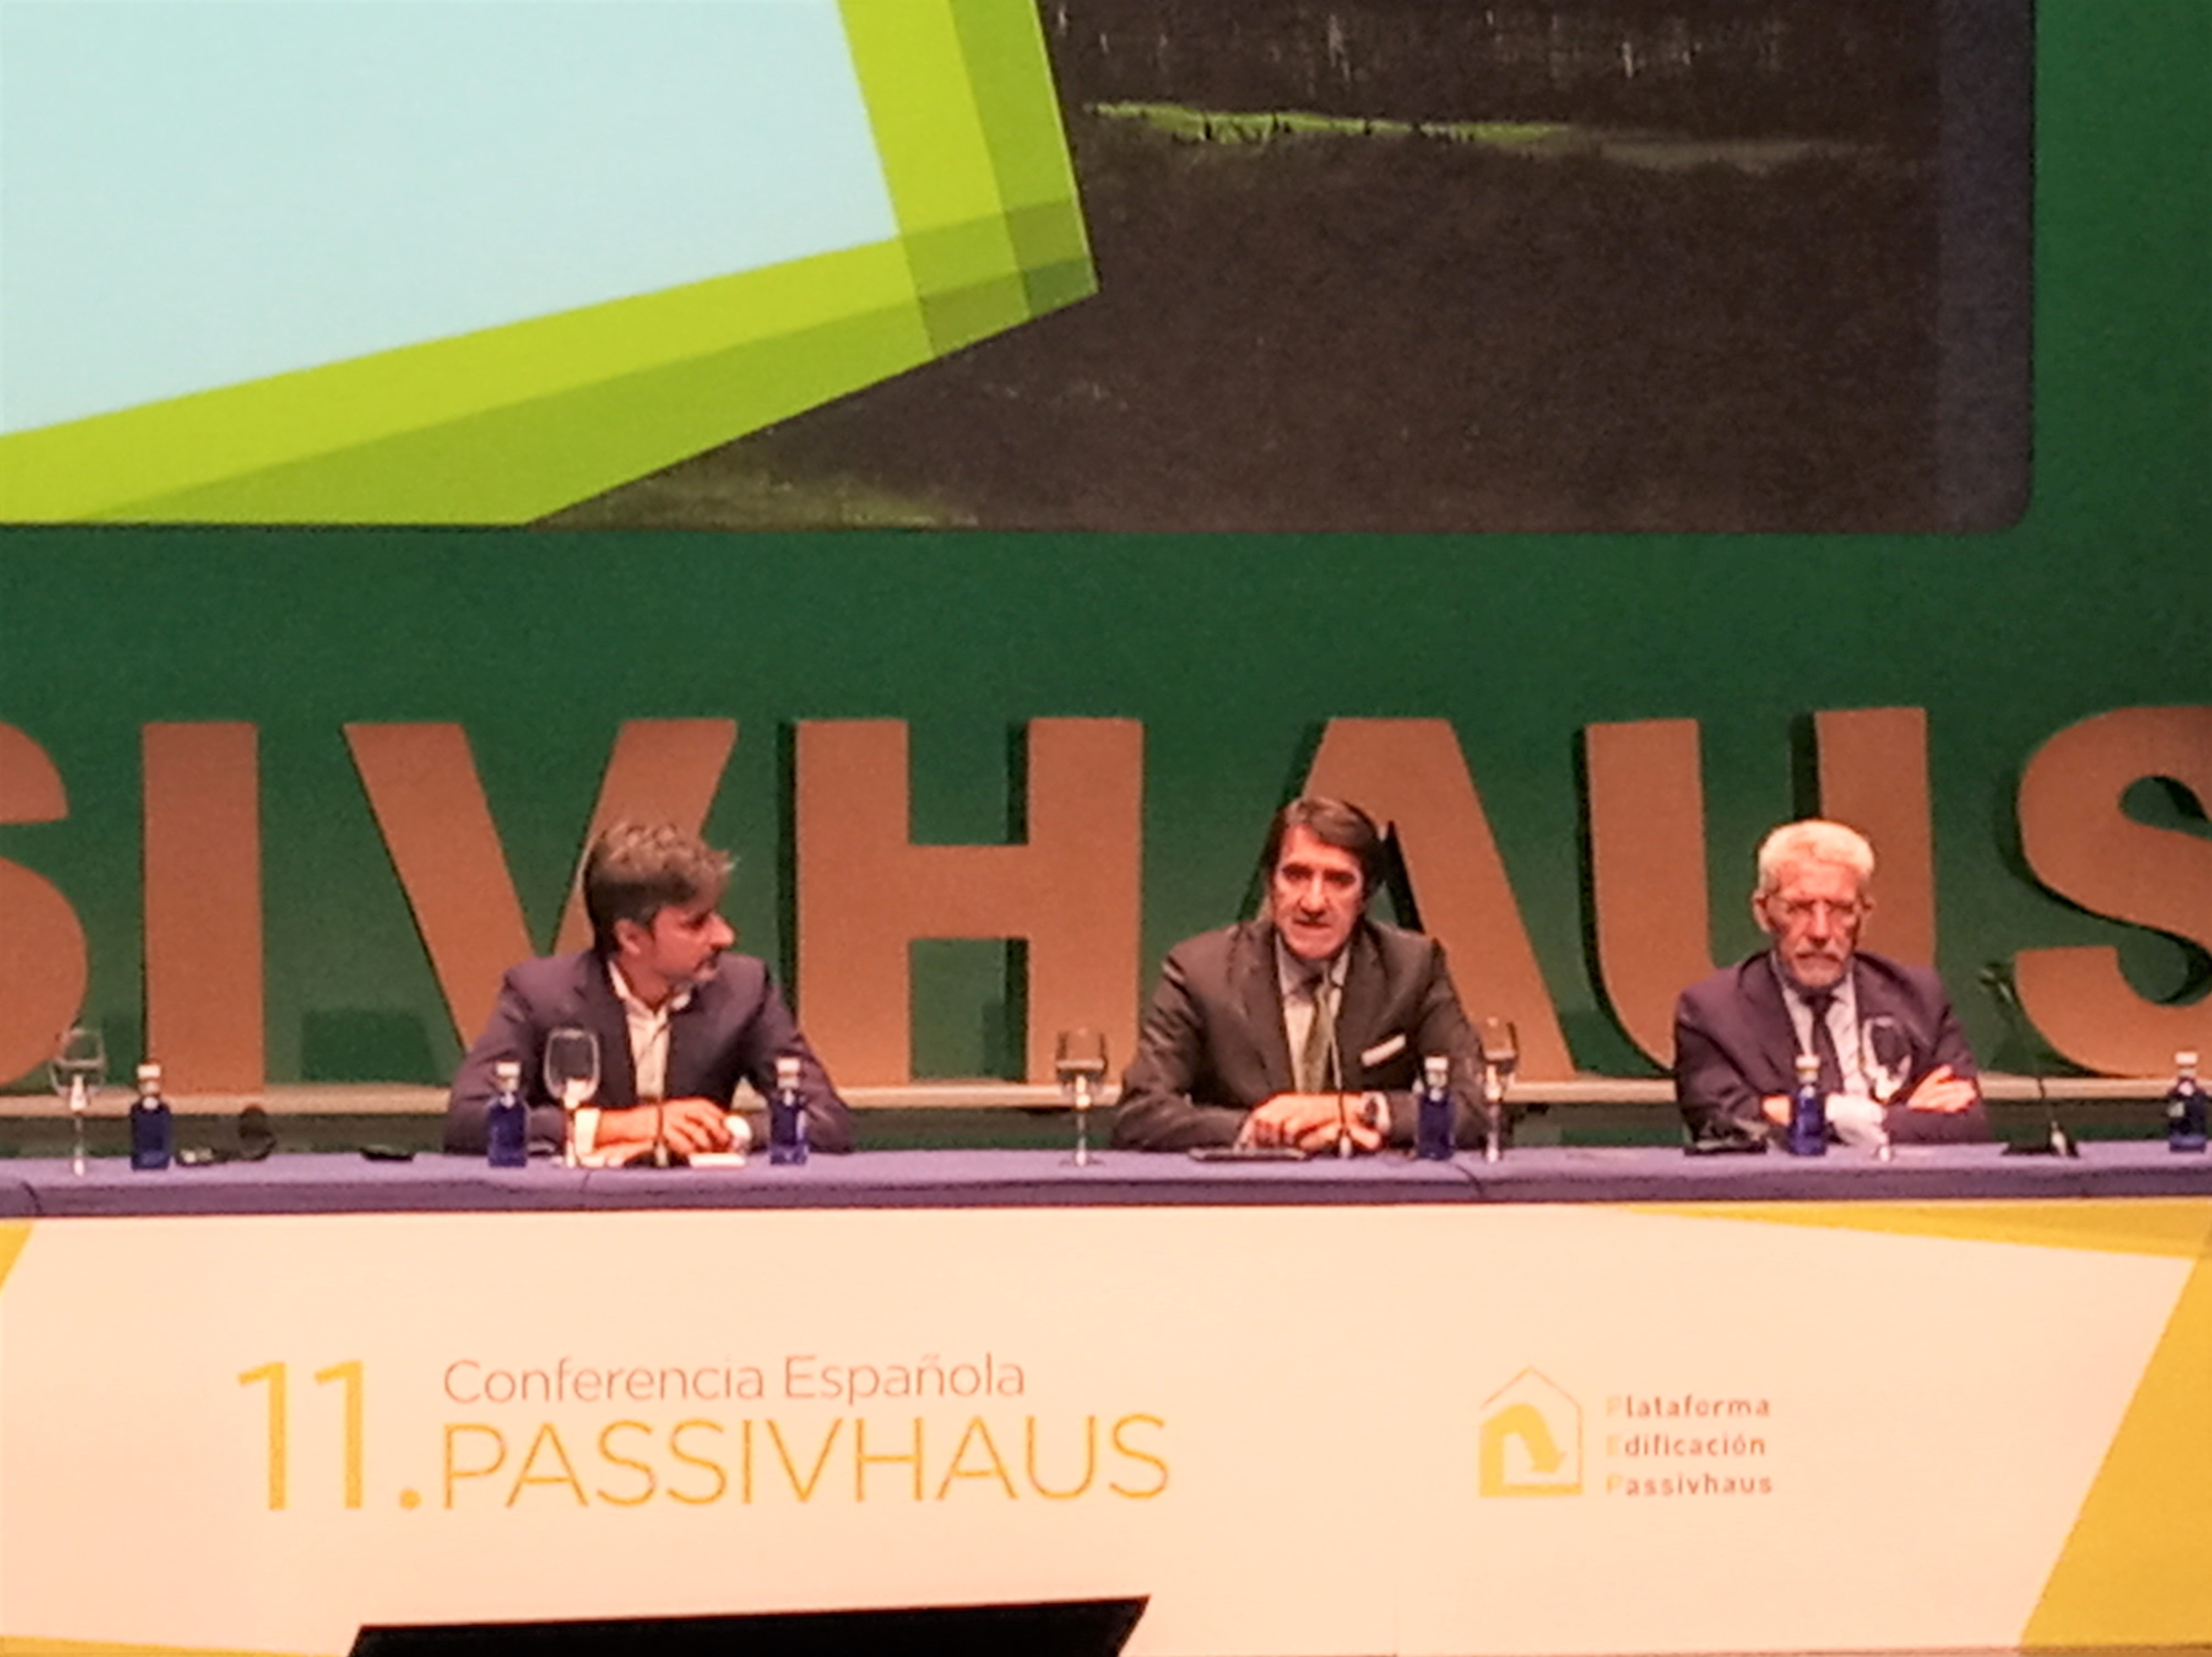 Imagen de la noticia sobre Principales actores del sector inmobiliario se reúnen en Burgos en el marco de la 11ª Conferencia Española Passivhaus.